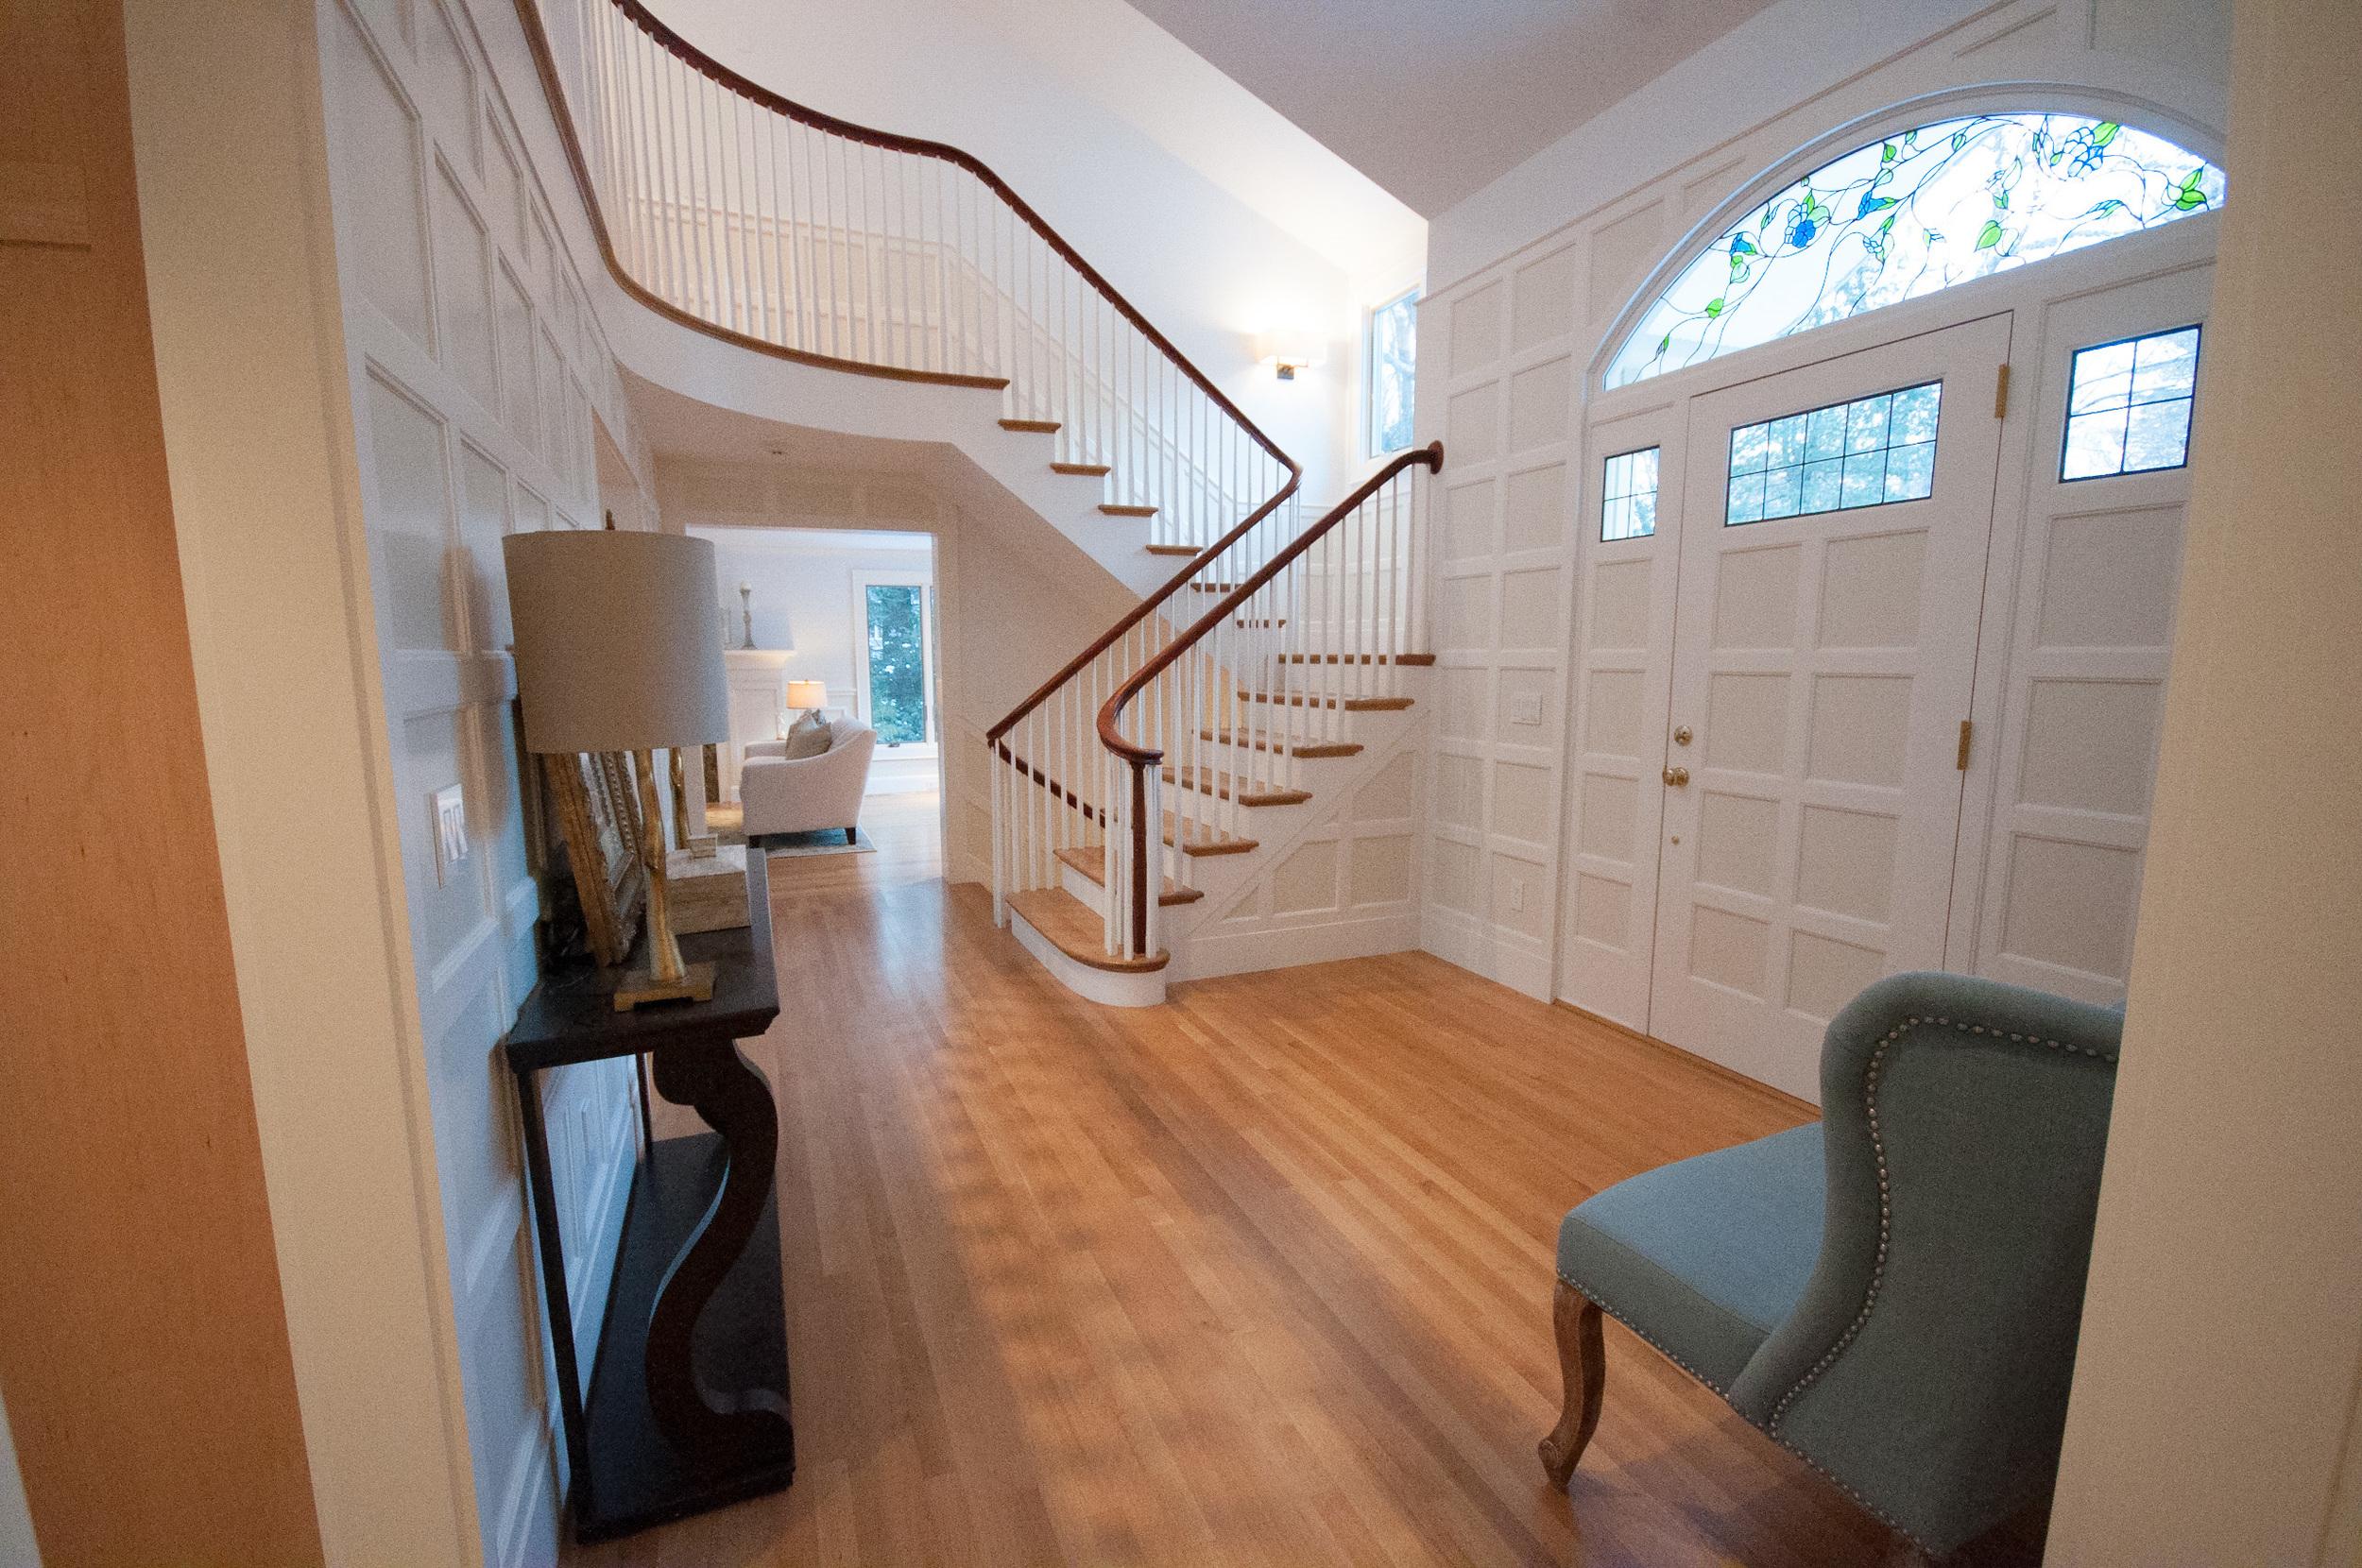 Interior-3-3.jpg